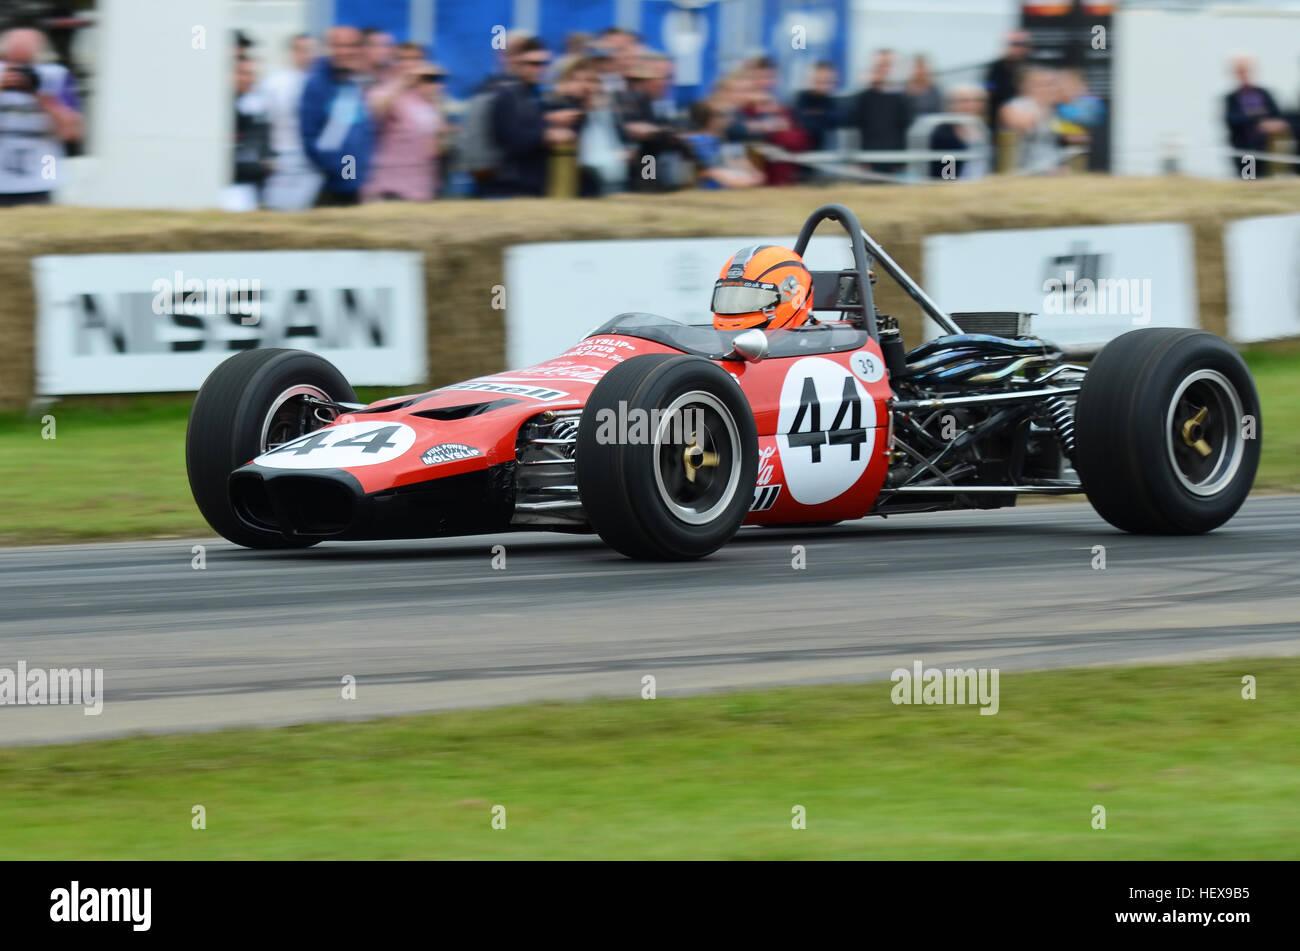 Lotus Ford 59 Formula 3 car racing up the hill climb at the 2016 ...